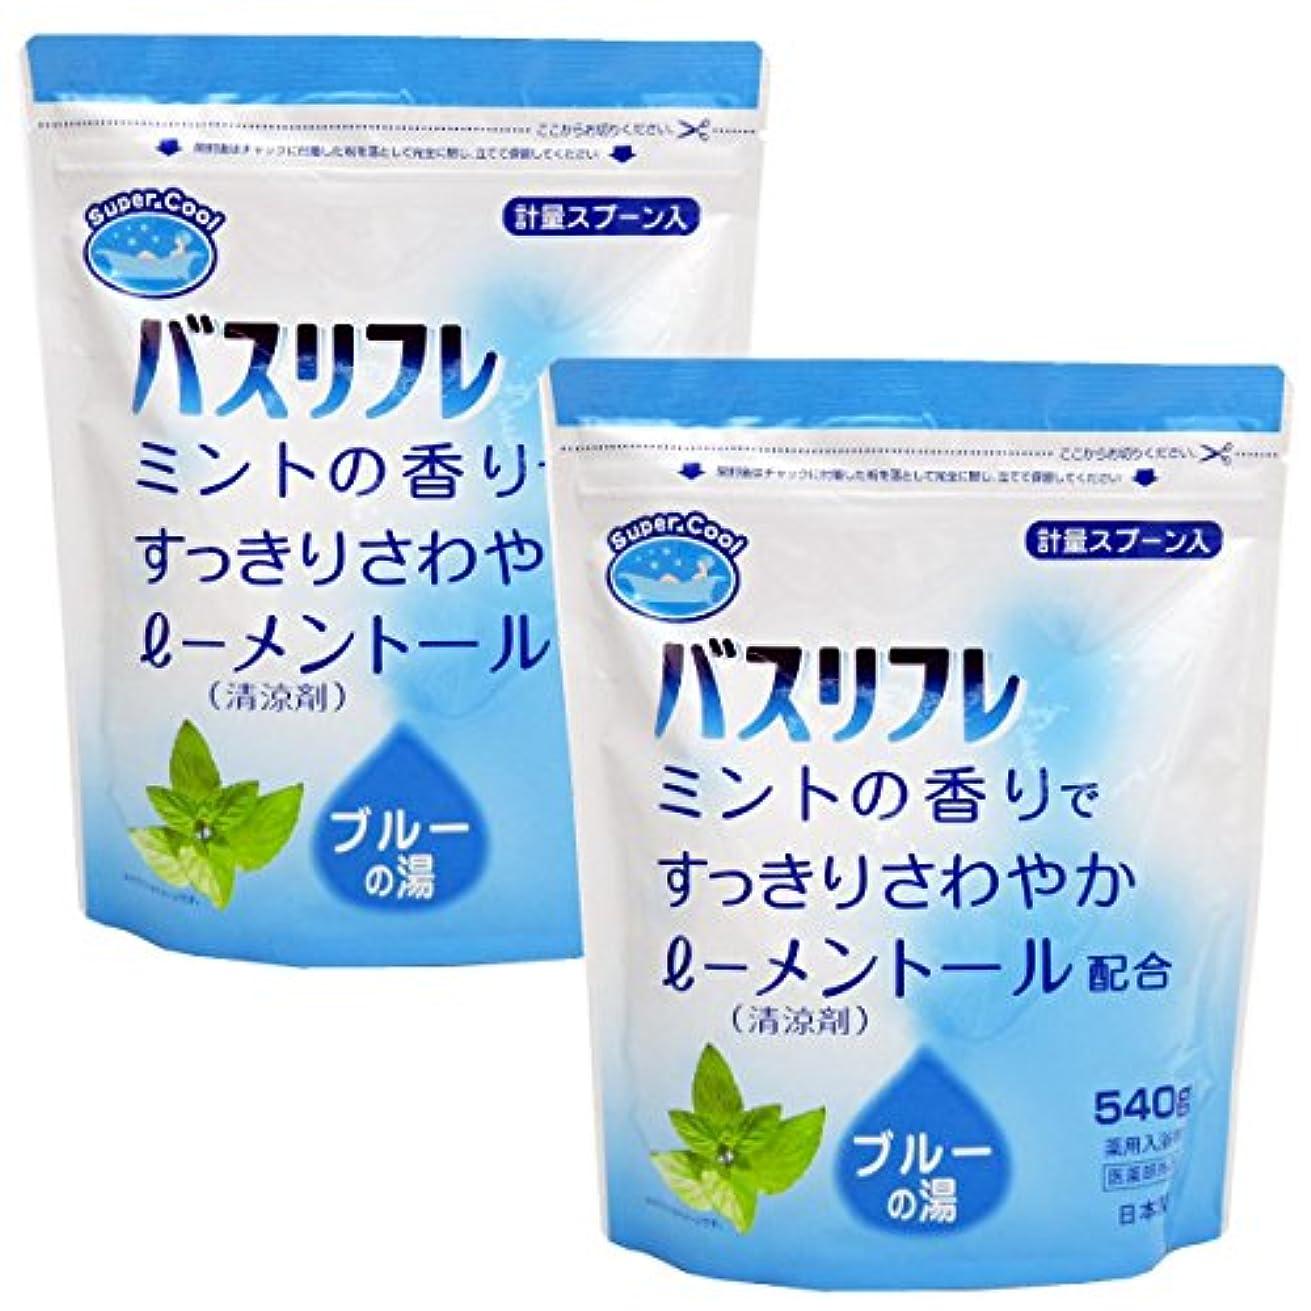 パンチフレアうつ入浴剤 クール 薬用入浴剤 バスリフレ スーパークール540g×2個セット 日本製